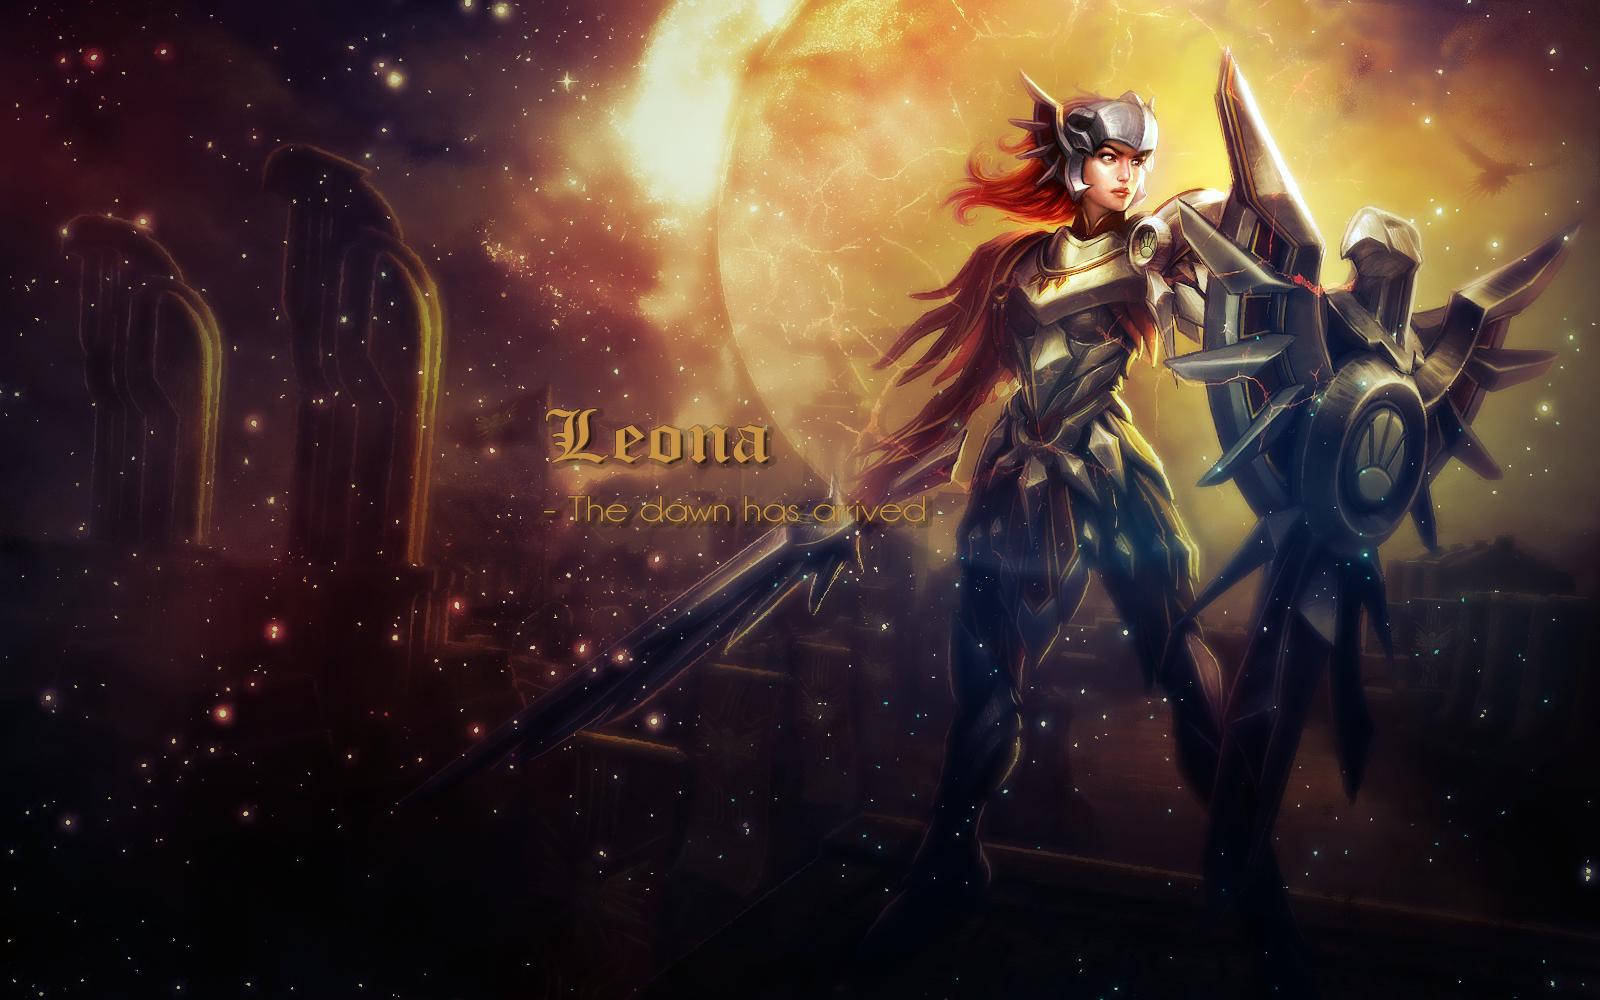 leona wallpaper - photo #12